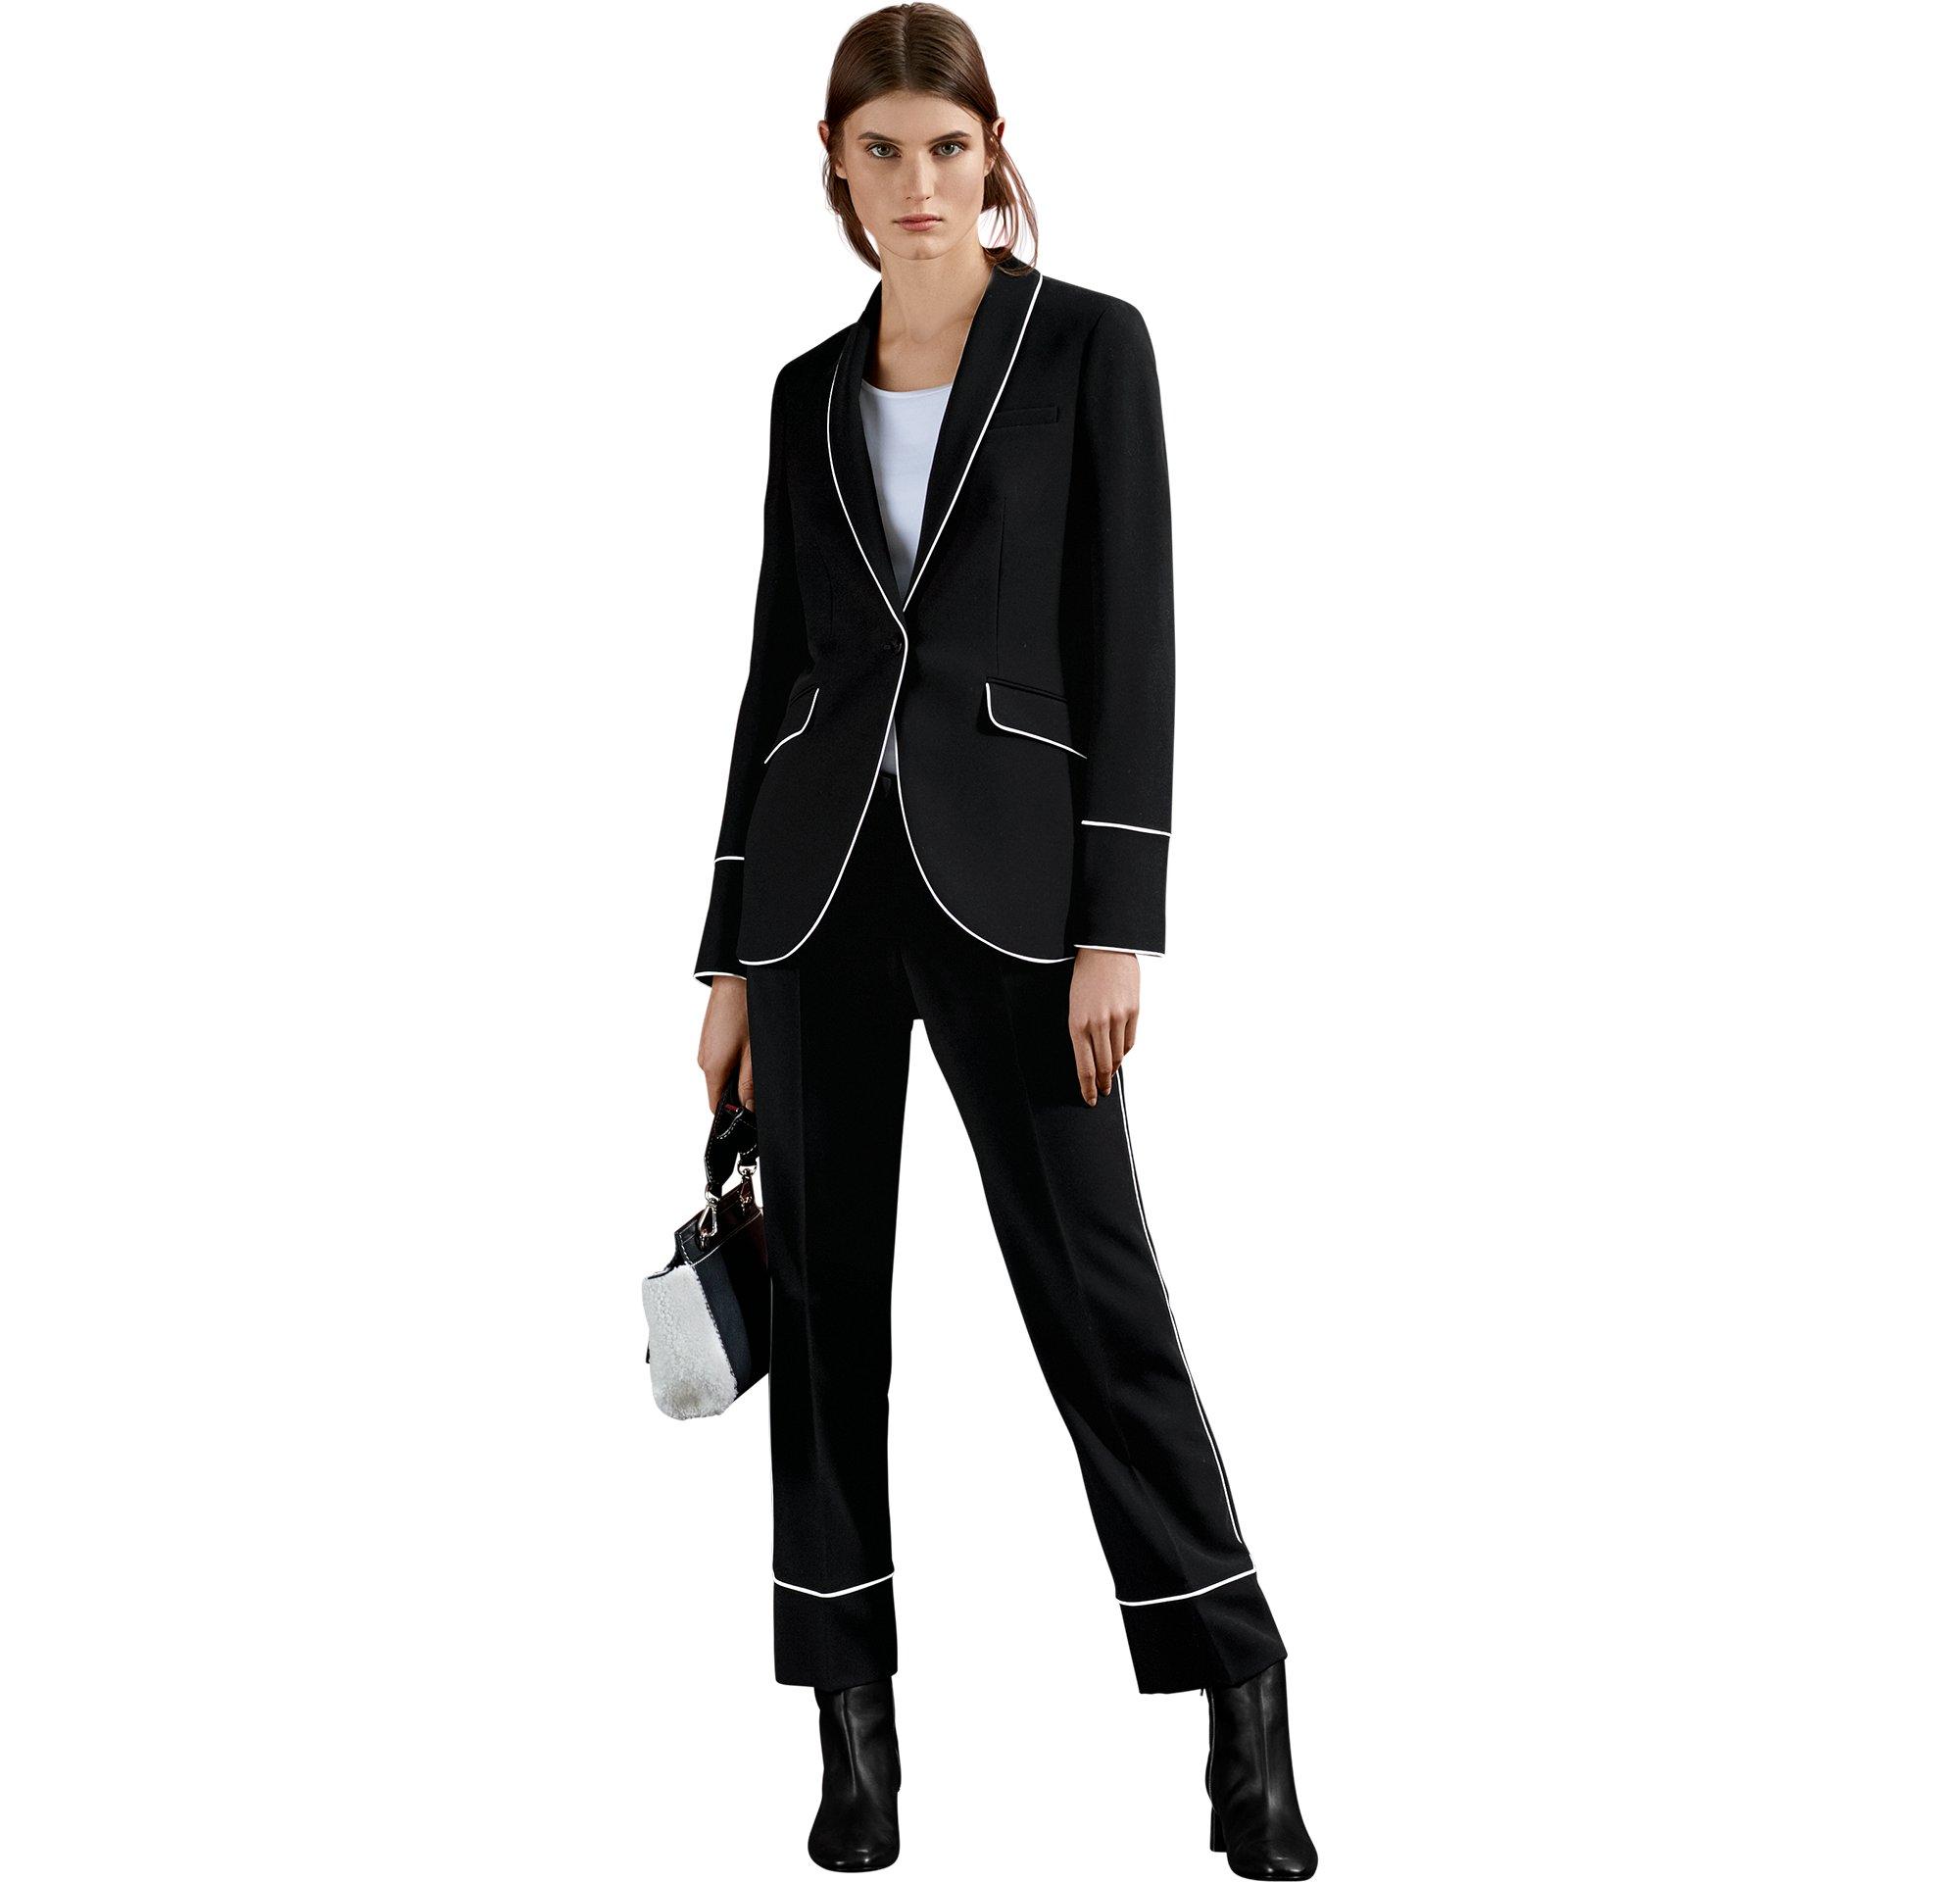 BOSS_Women_CTG_FW17_Look_14,